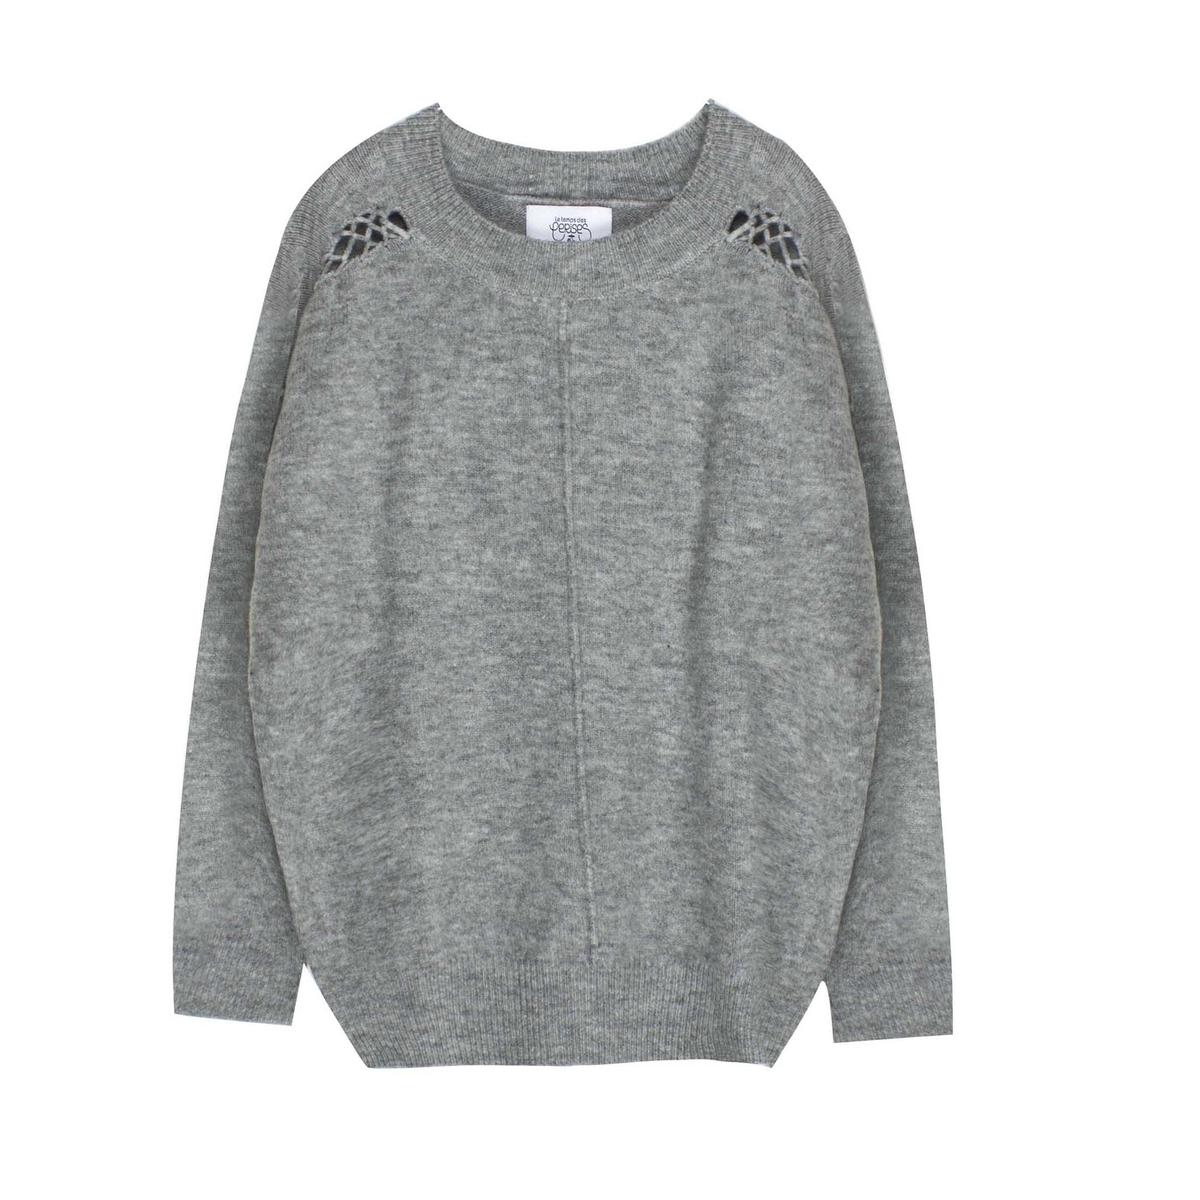 Пуловер из тонкого трикотажа с плетёными деталями пуловер из мохера